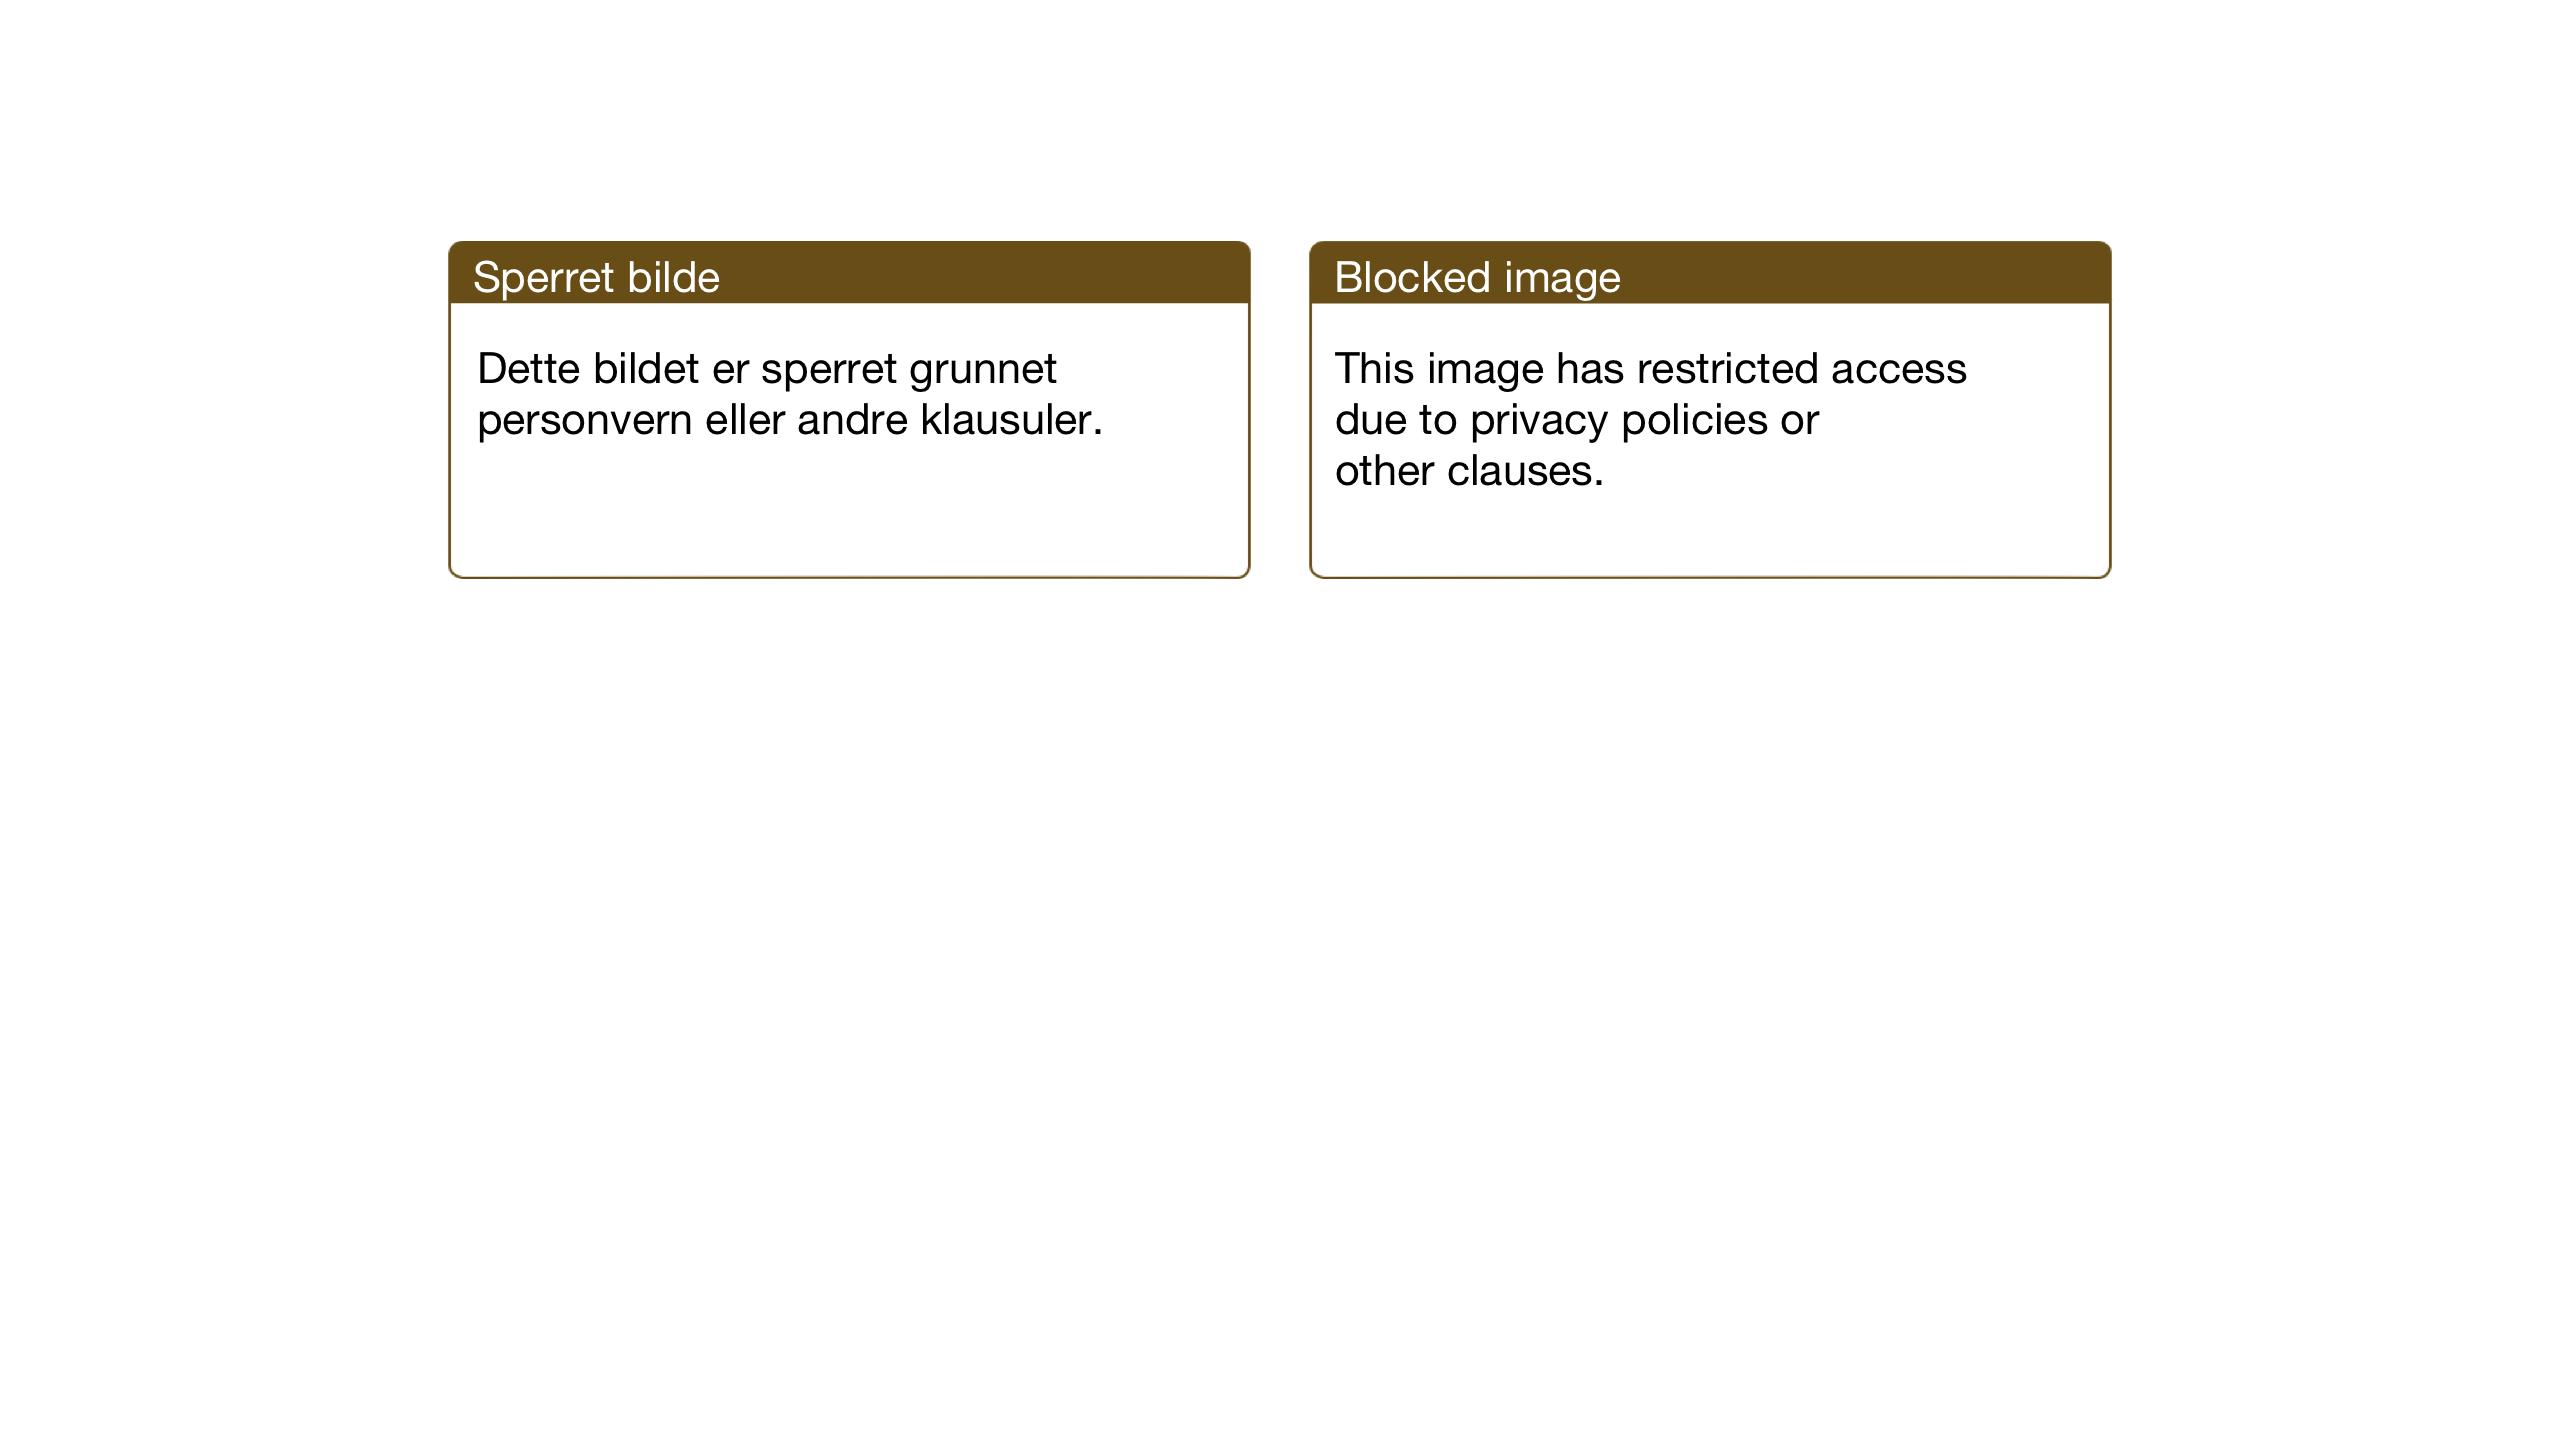 SAT, Ministerialprotokoller, klokkerbøker og fødselsregistre - Nord-Trøndelag, 768/L0583: Klokkerbok nr. 768C01, 1928-1953, s. 199